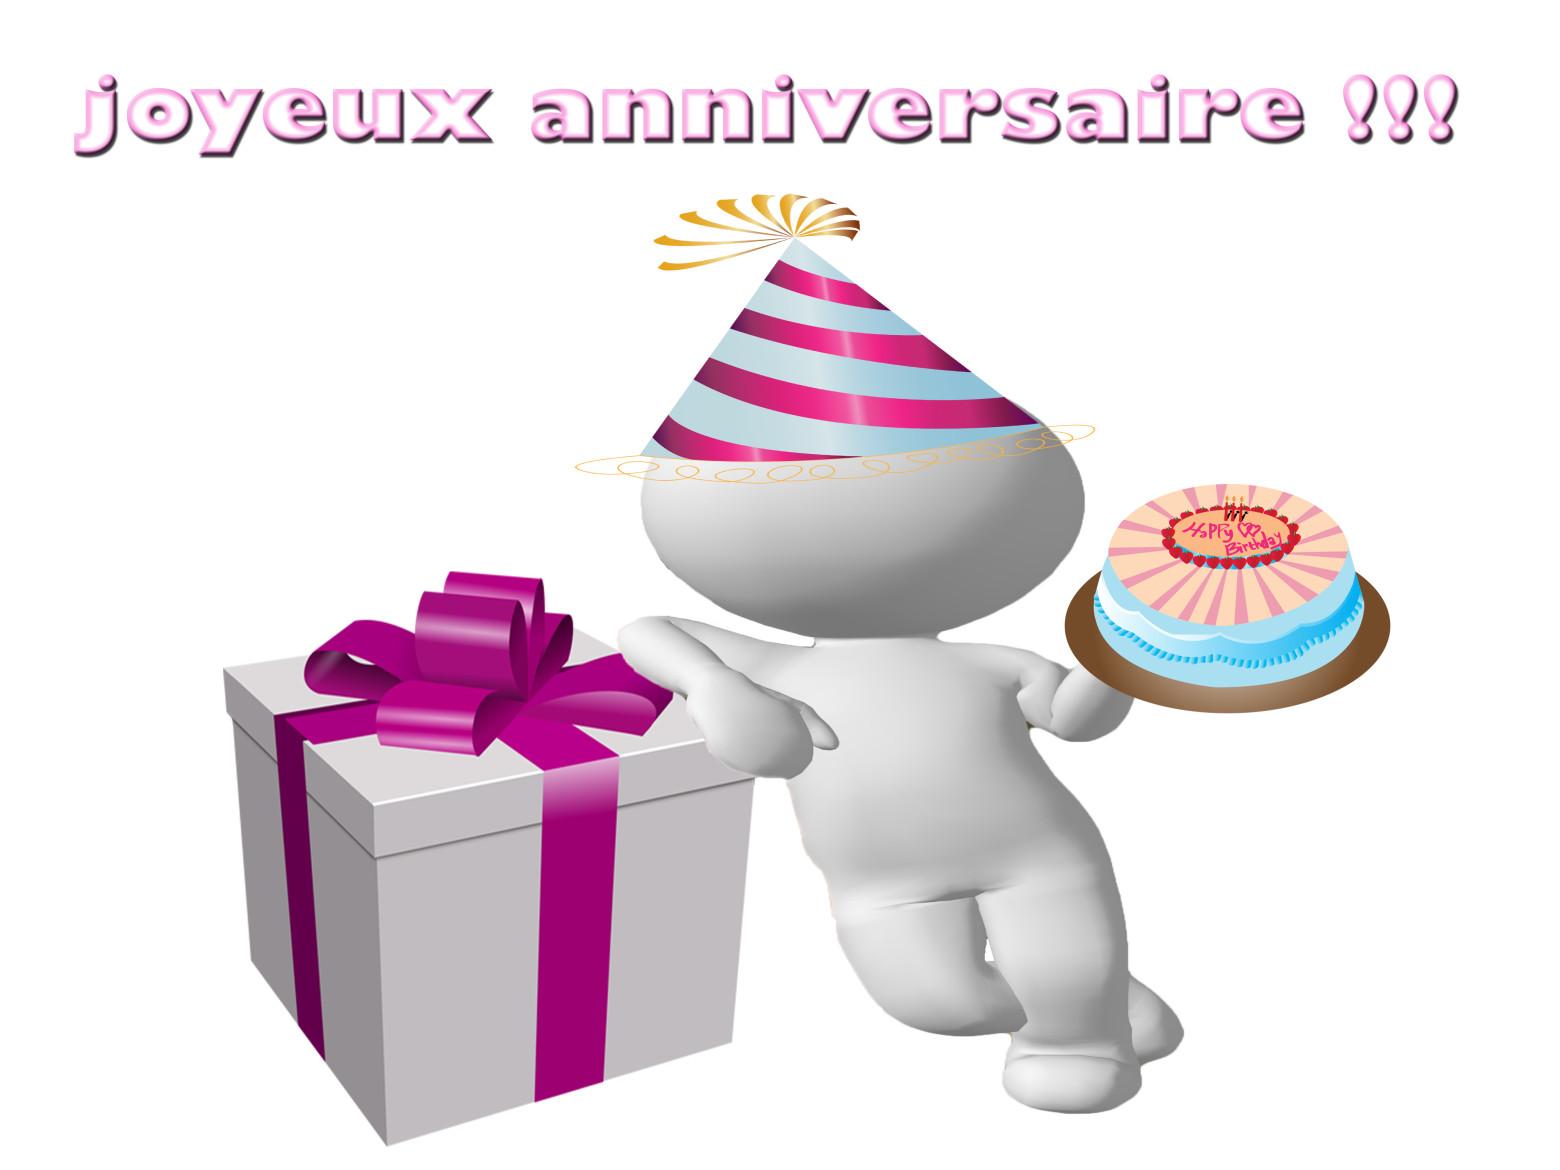 banque d images gratuites libres de droits bonhomme blanc 3d joyeux anniversaire images gratuites